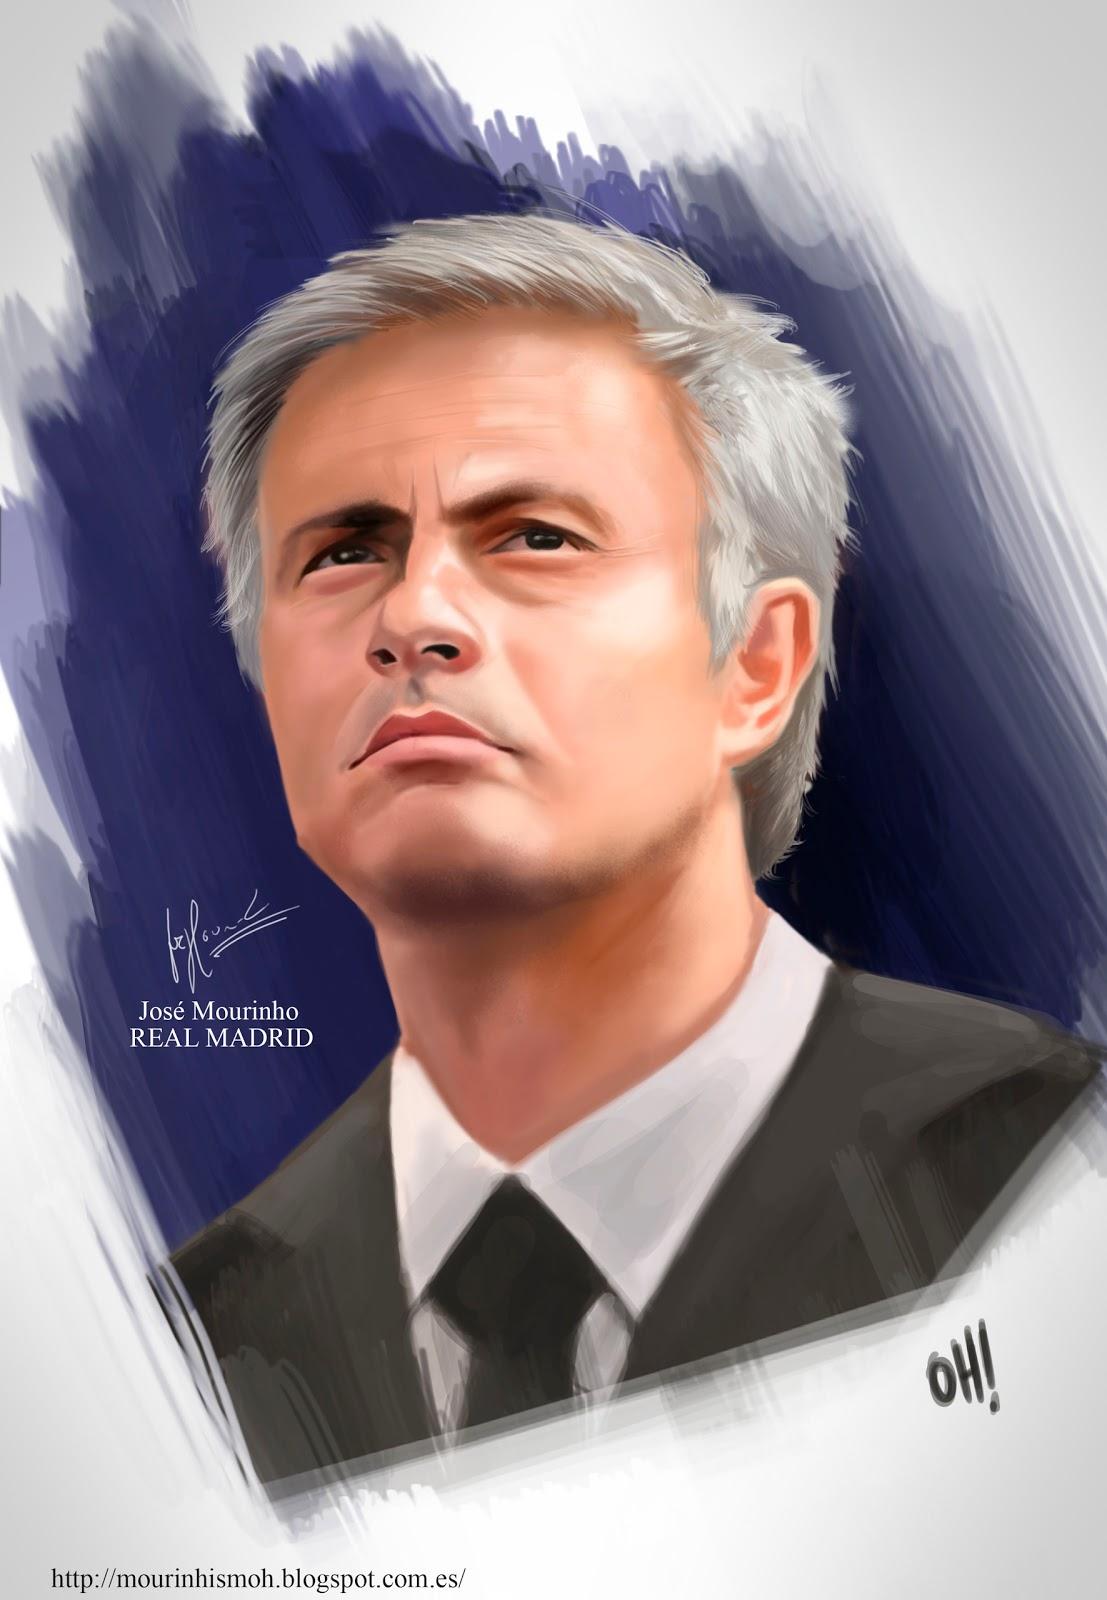 http://3.bp.blogspot.com/-DzV8URpCFbM/UAbUScgFOGI/AAAAAAAABN8/lR04Wpi97Xc/s1600/Jose-Mourinho.jpg